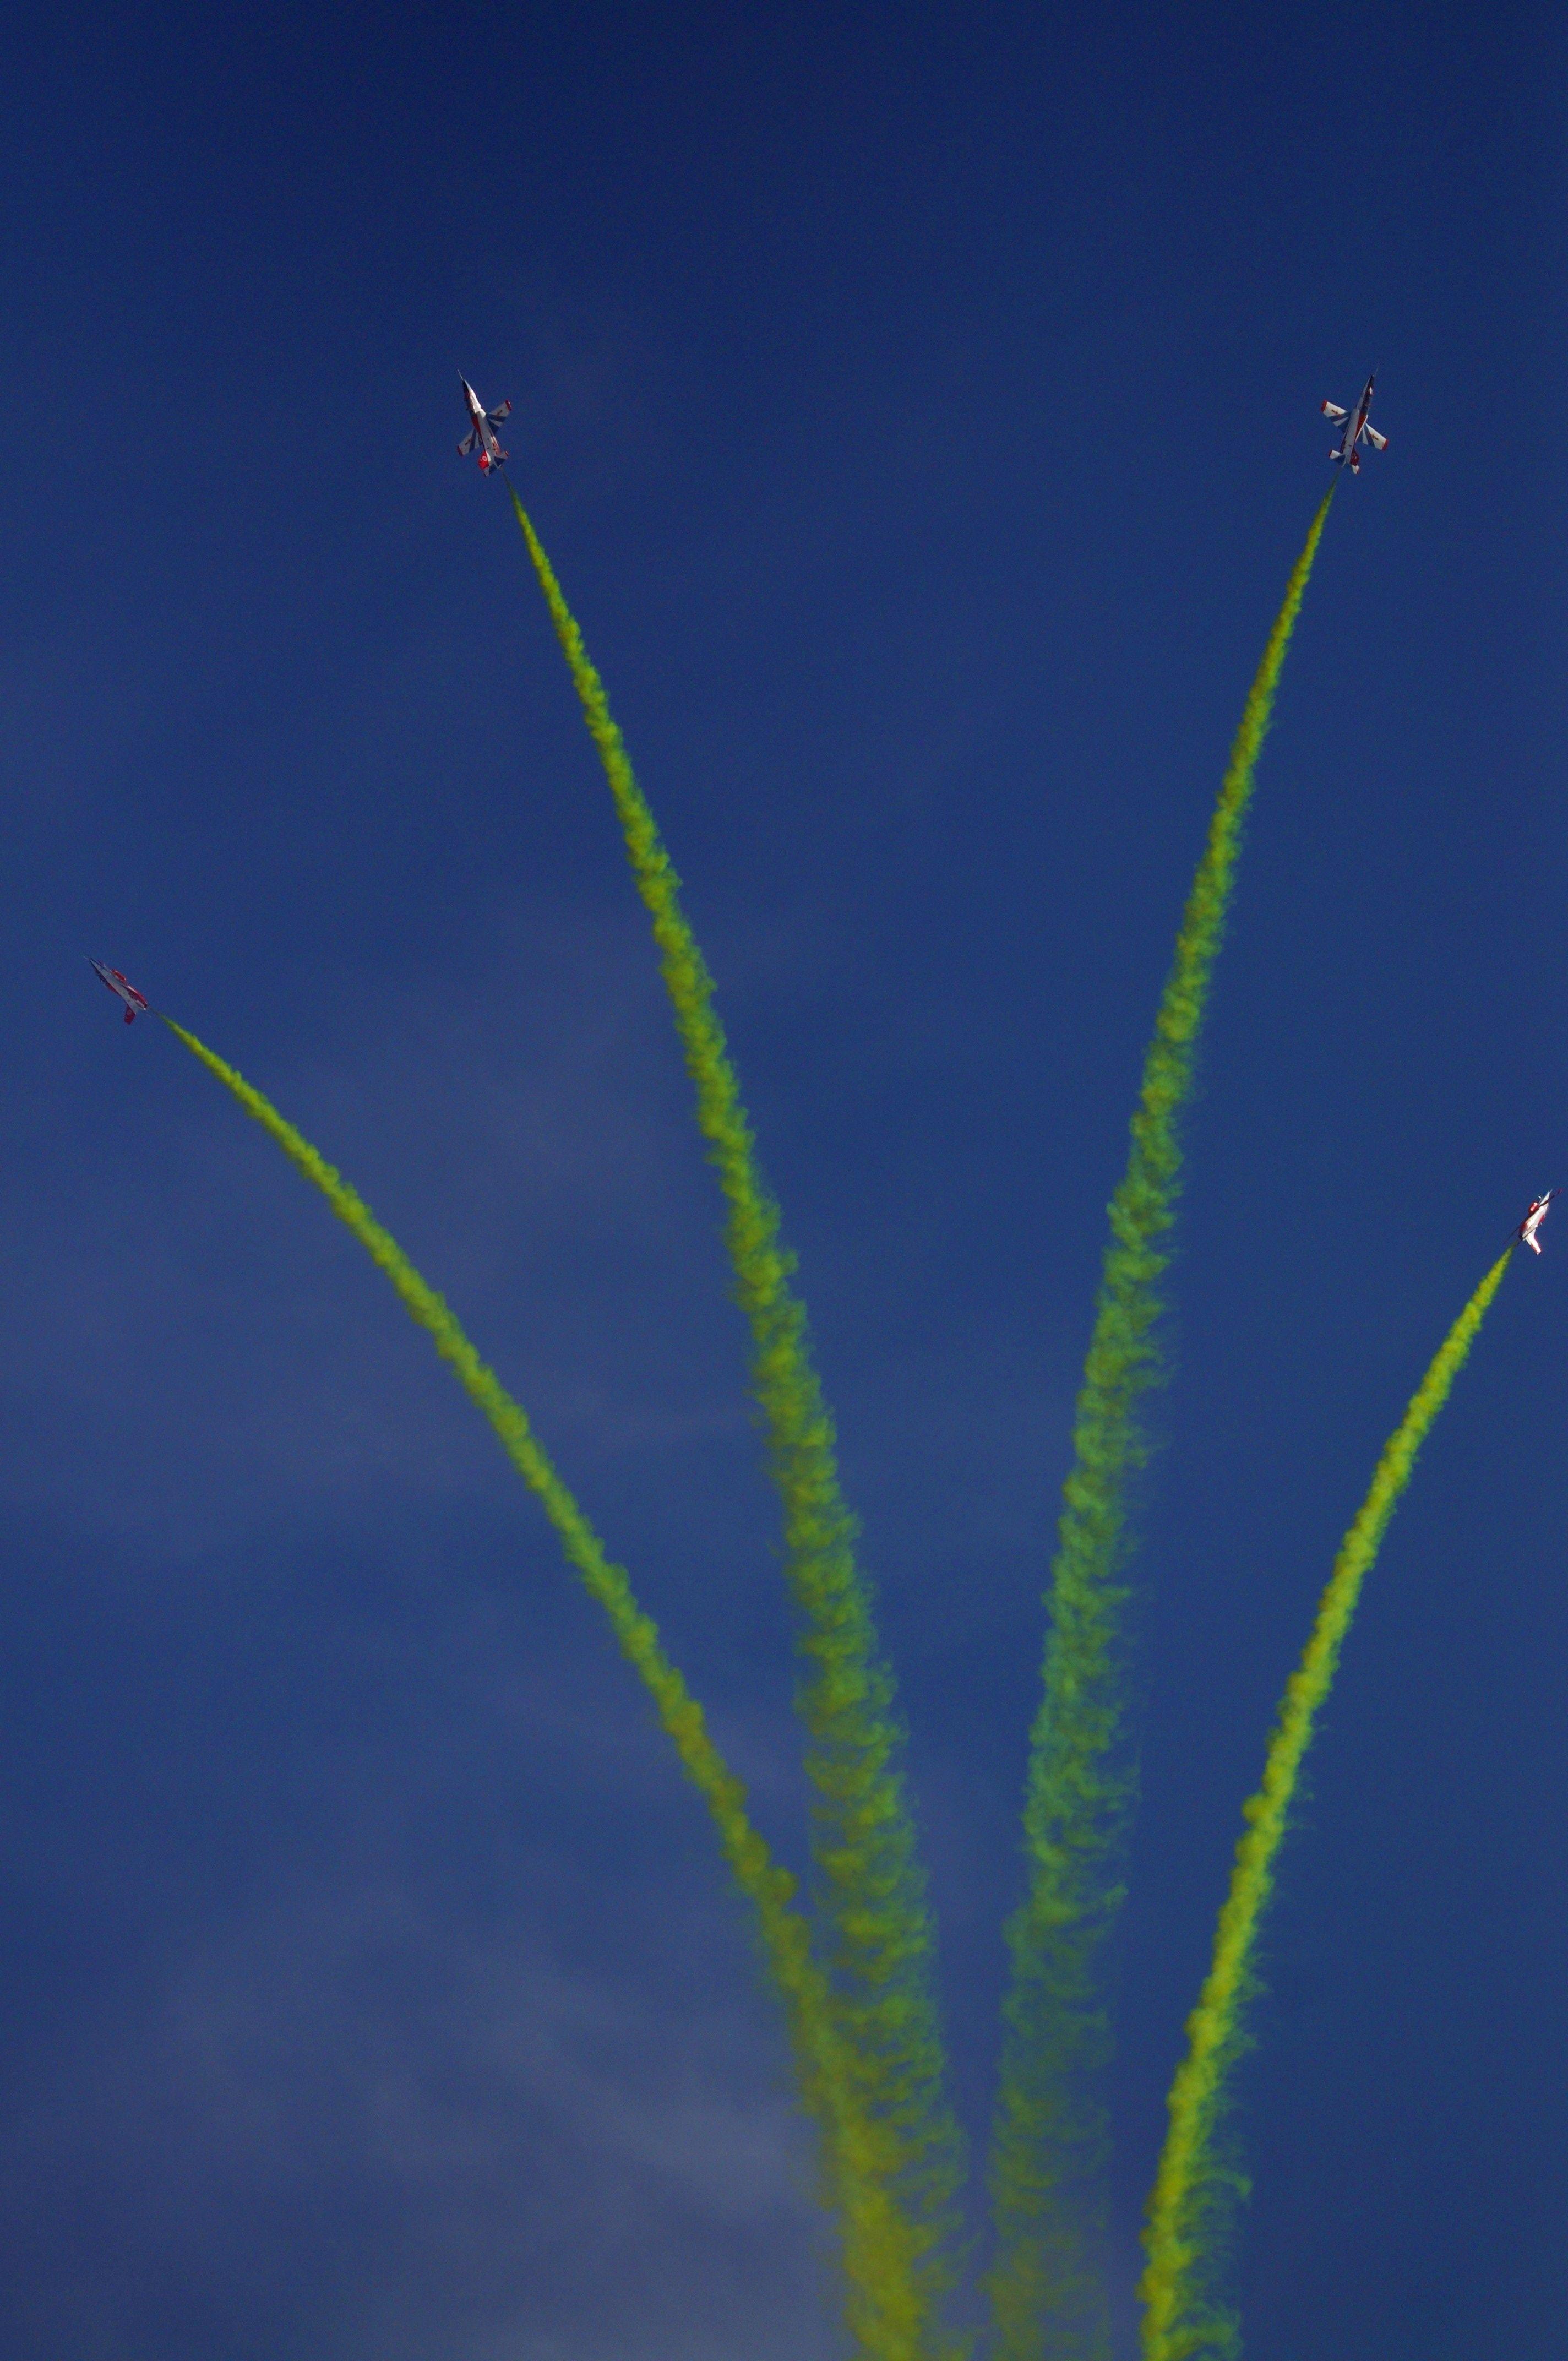 珠海航展落幕 红鹰表演队带来精彩表演|新闻动态-飞翔通航(北京)服务有限责任公司